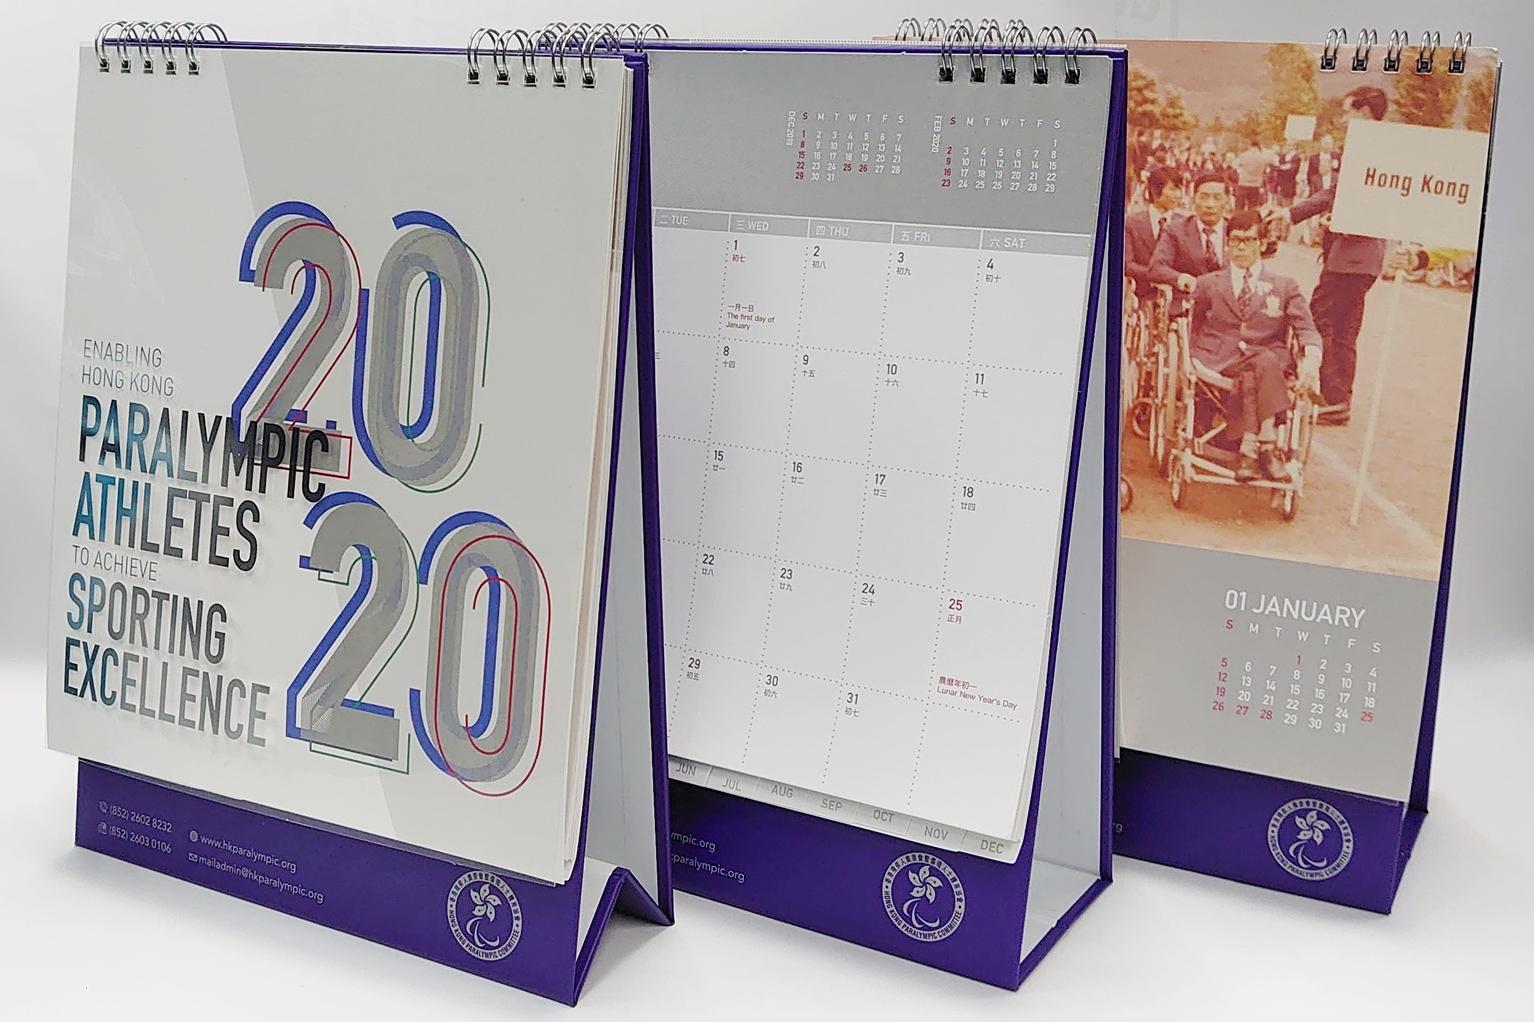 香港殘疾人奧委會暨傷殘人士體育協會2020年月曆